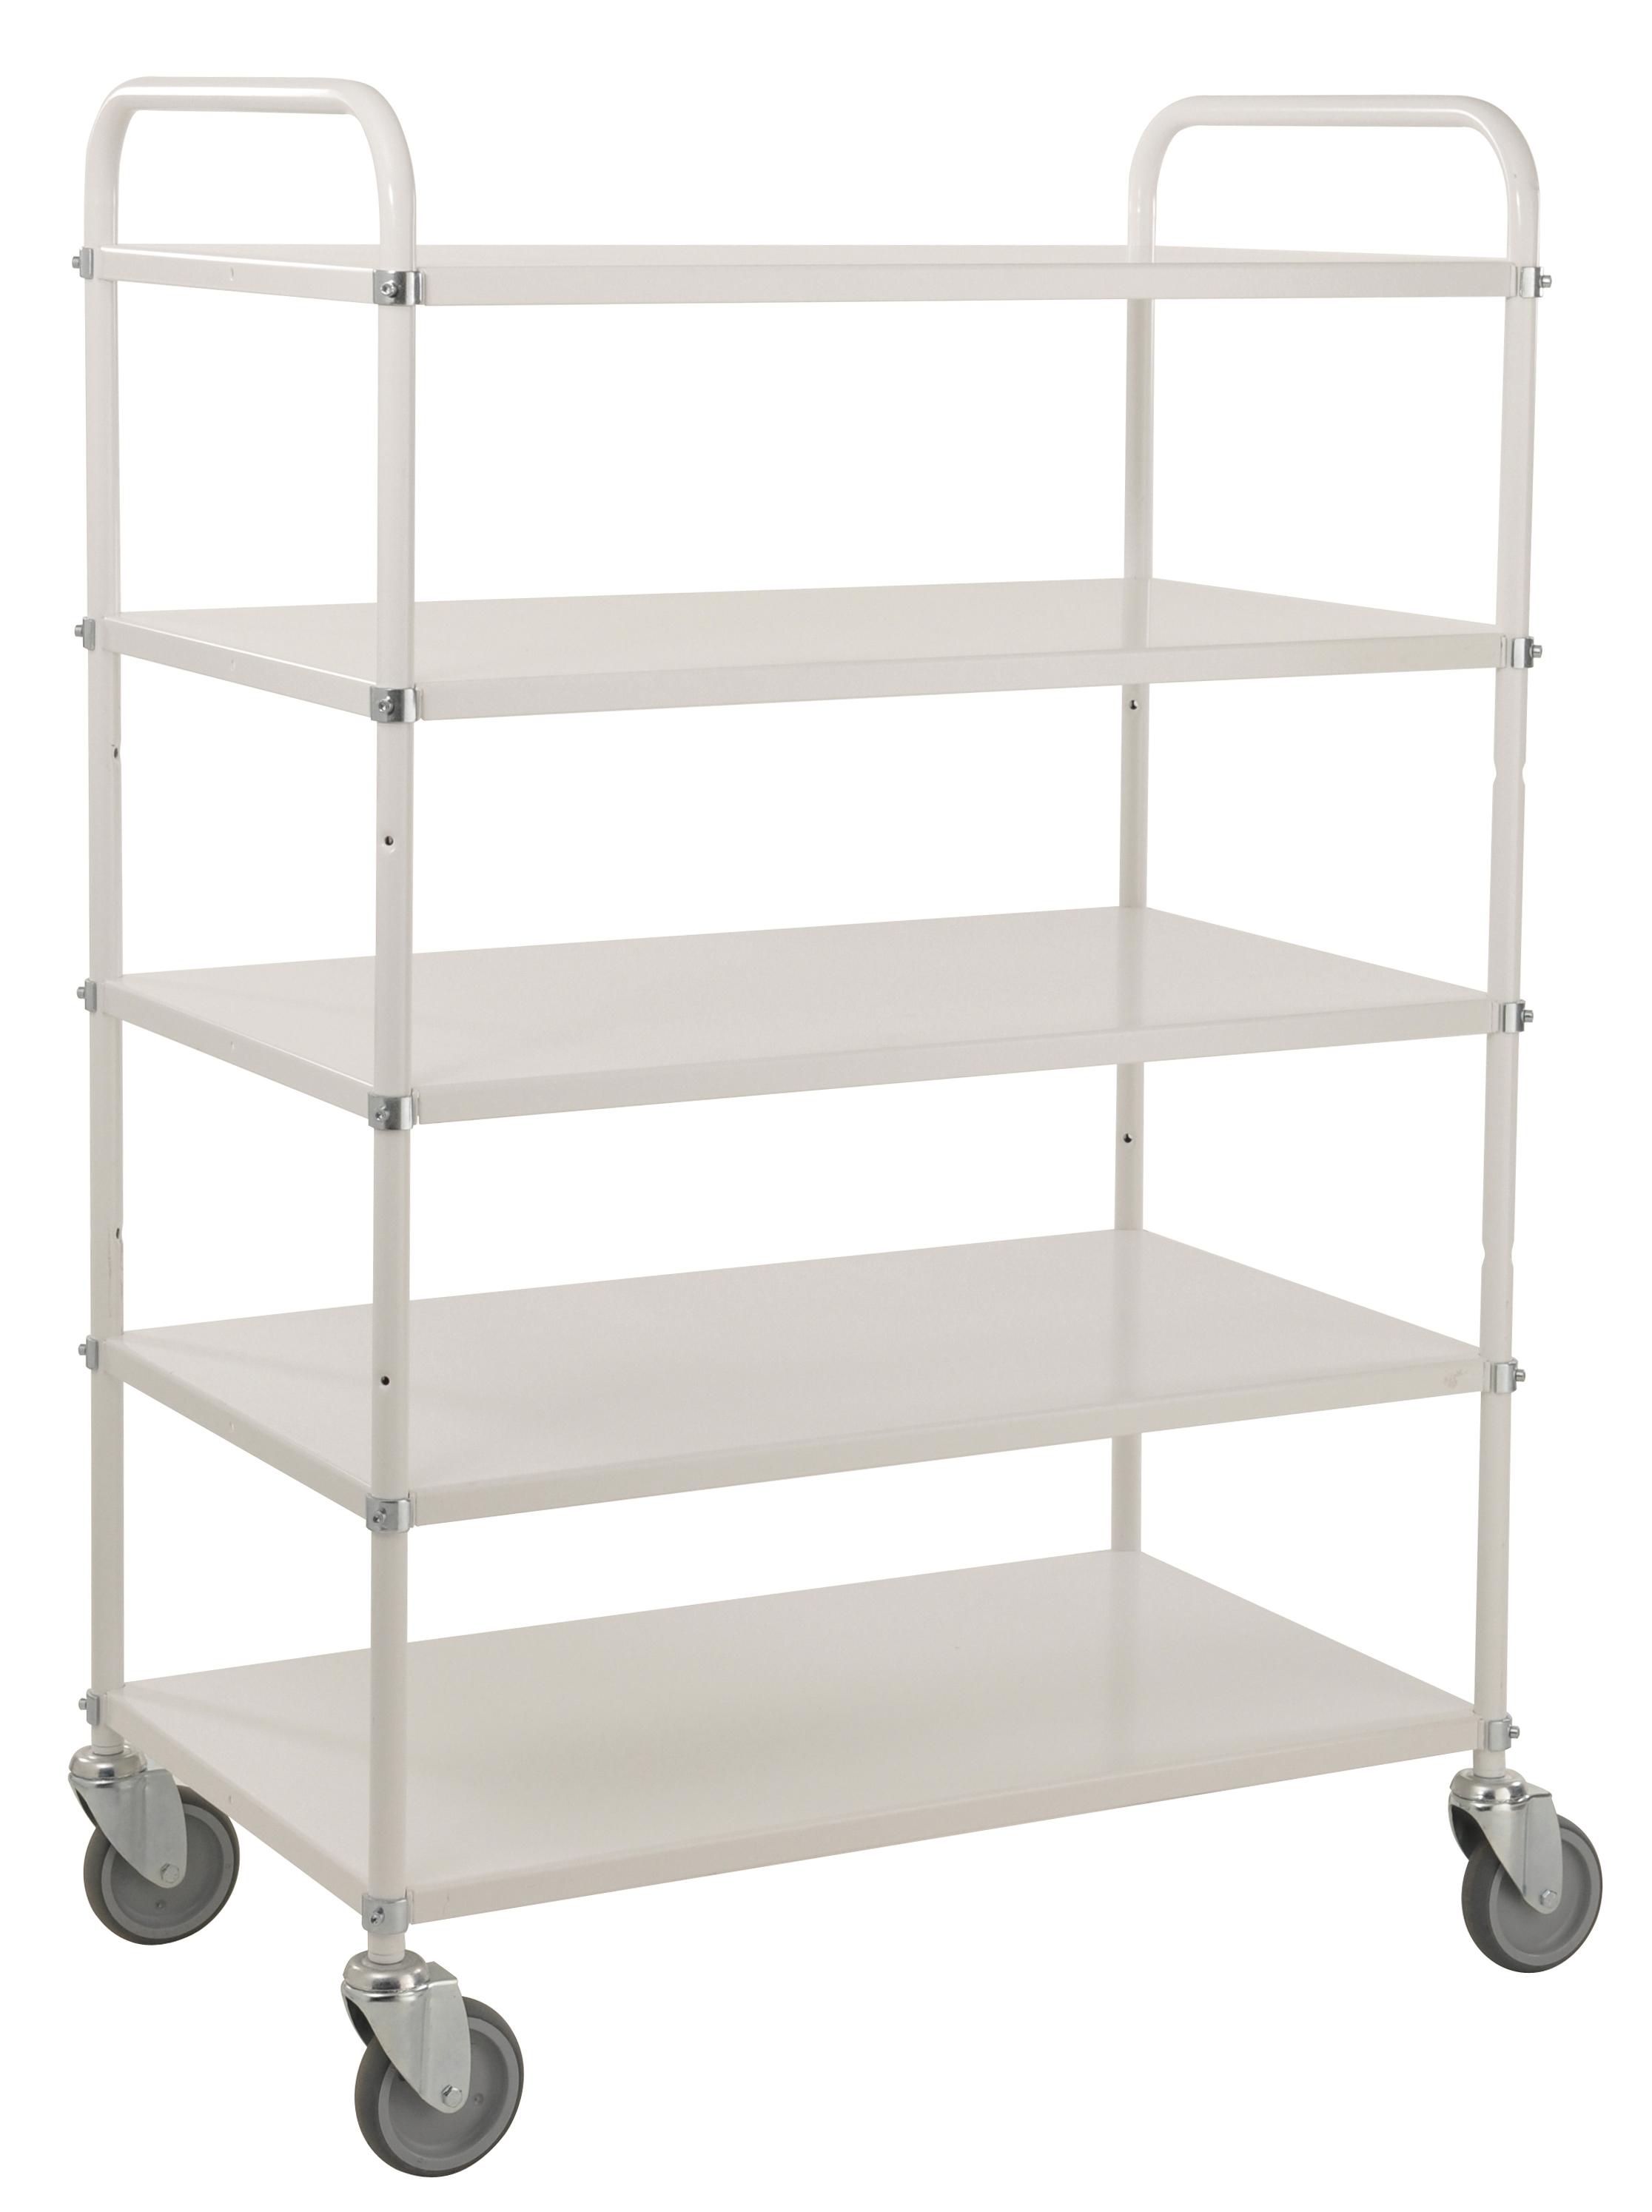 Light shelf trolley KM4124